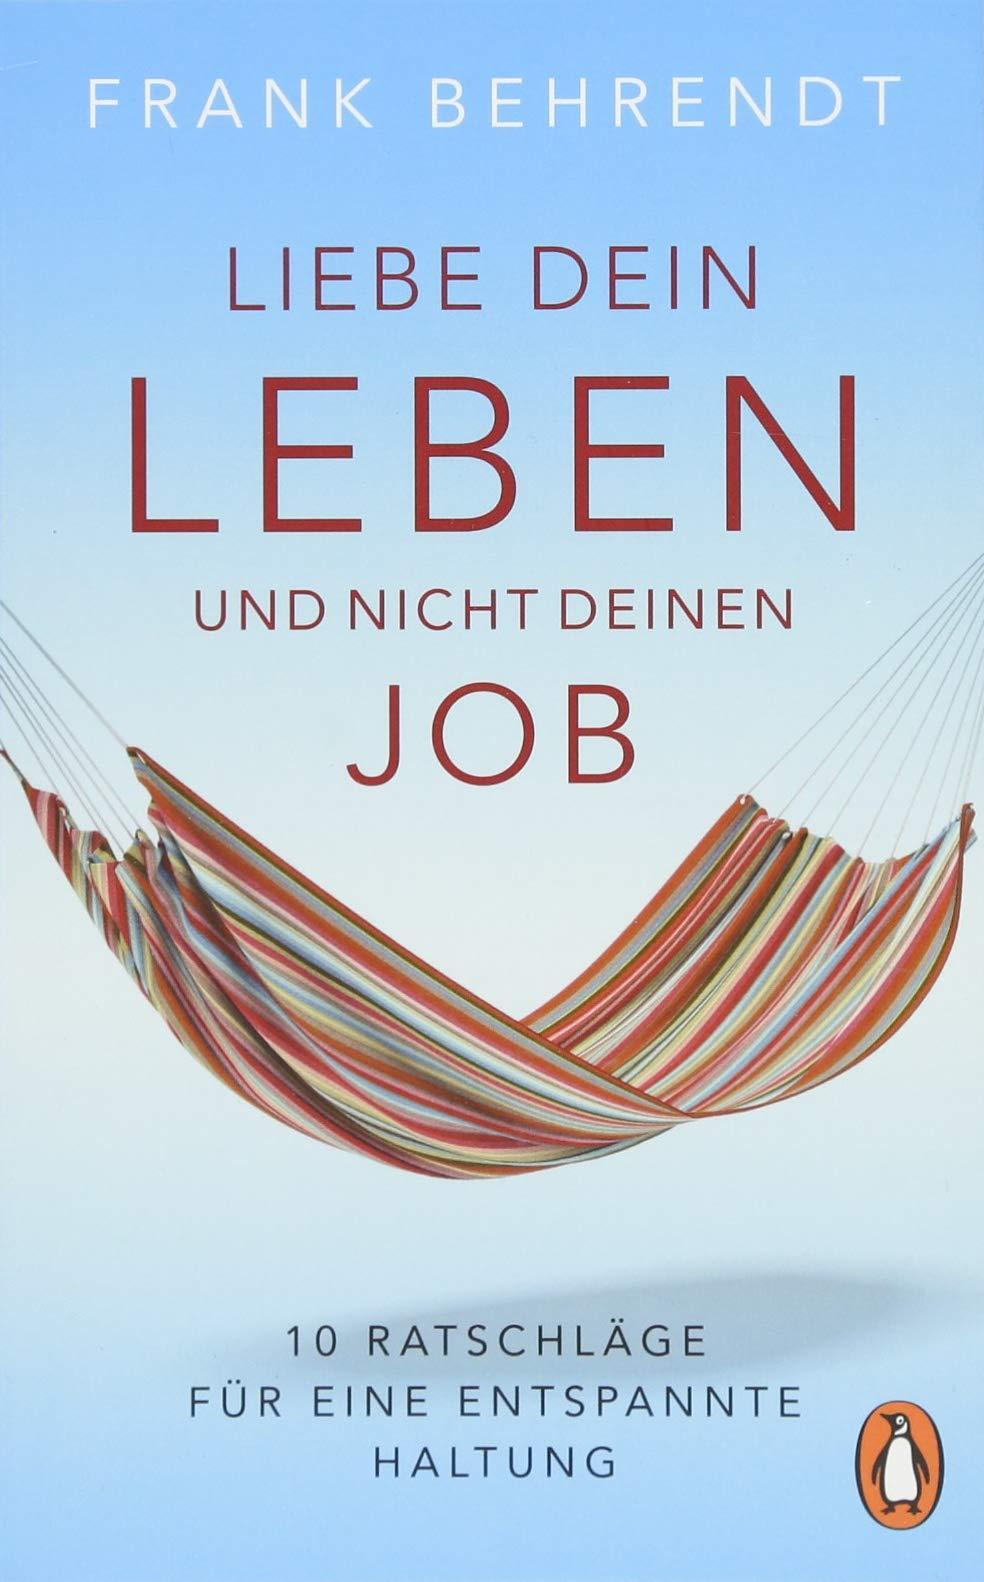 Liebe dein Leben und nicht deinen Job.: 10 Ratschläge für eine entspannte Haltung Taschenbuch – 9. Juli 2018 Frank Behrendt Penguin Verlag 3328102817 Beruf / Karriere